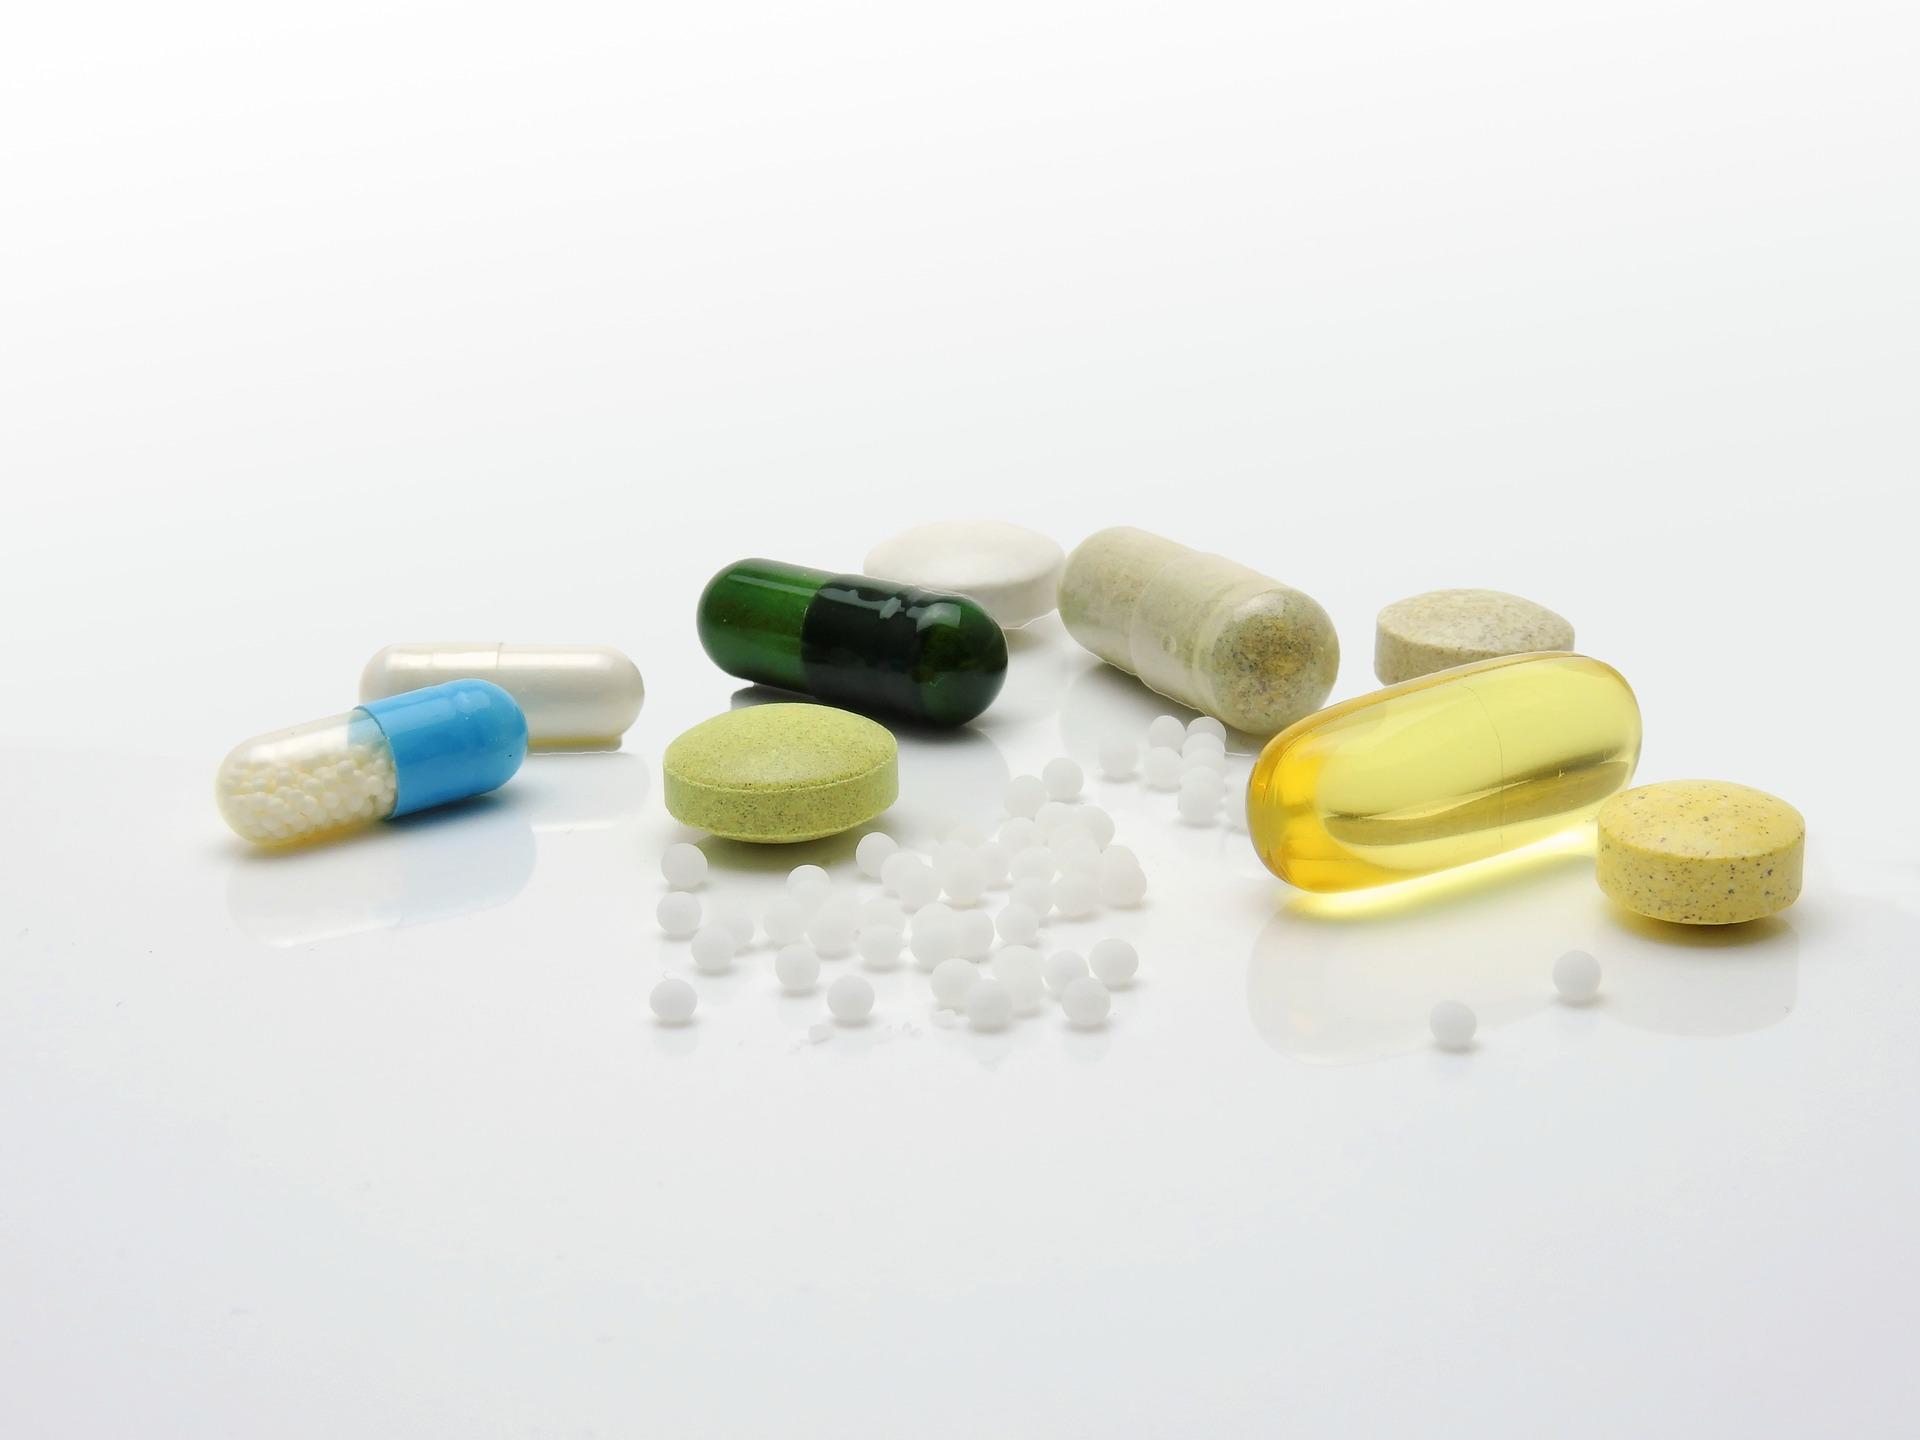 基礎的医薬品の変更調剤について(疑義解釈資料その4)